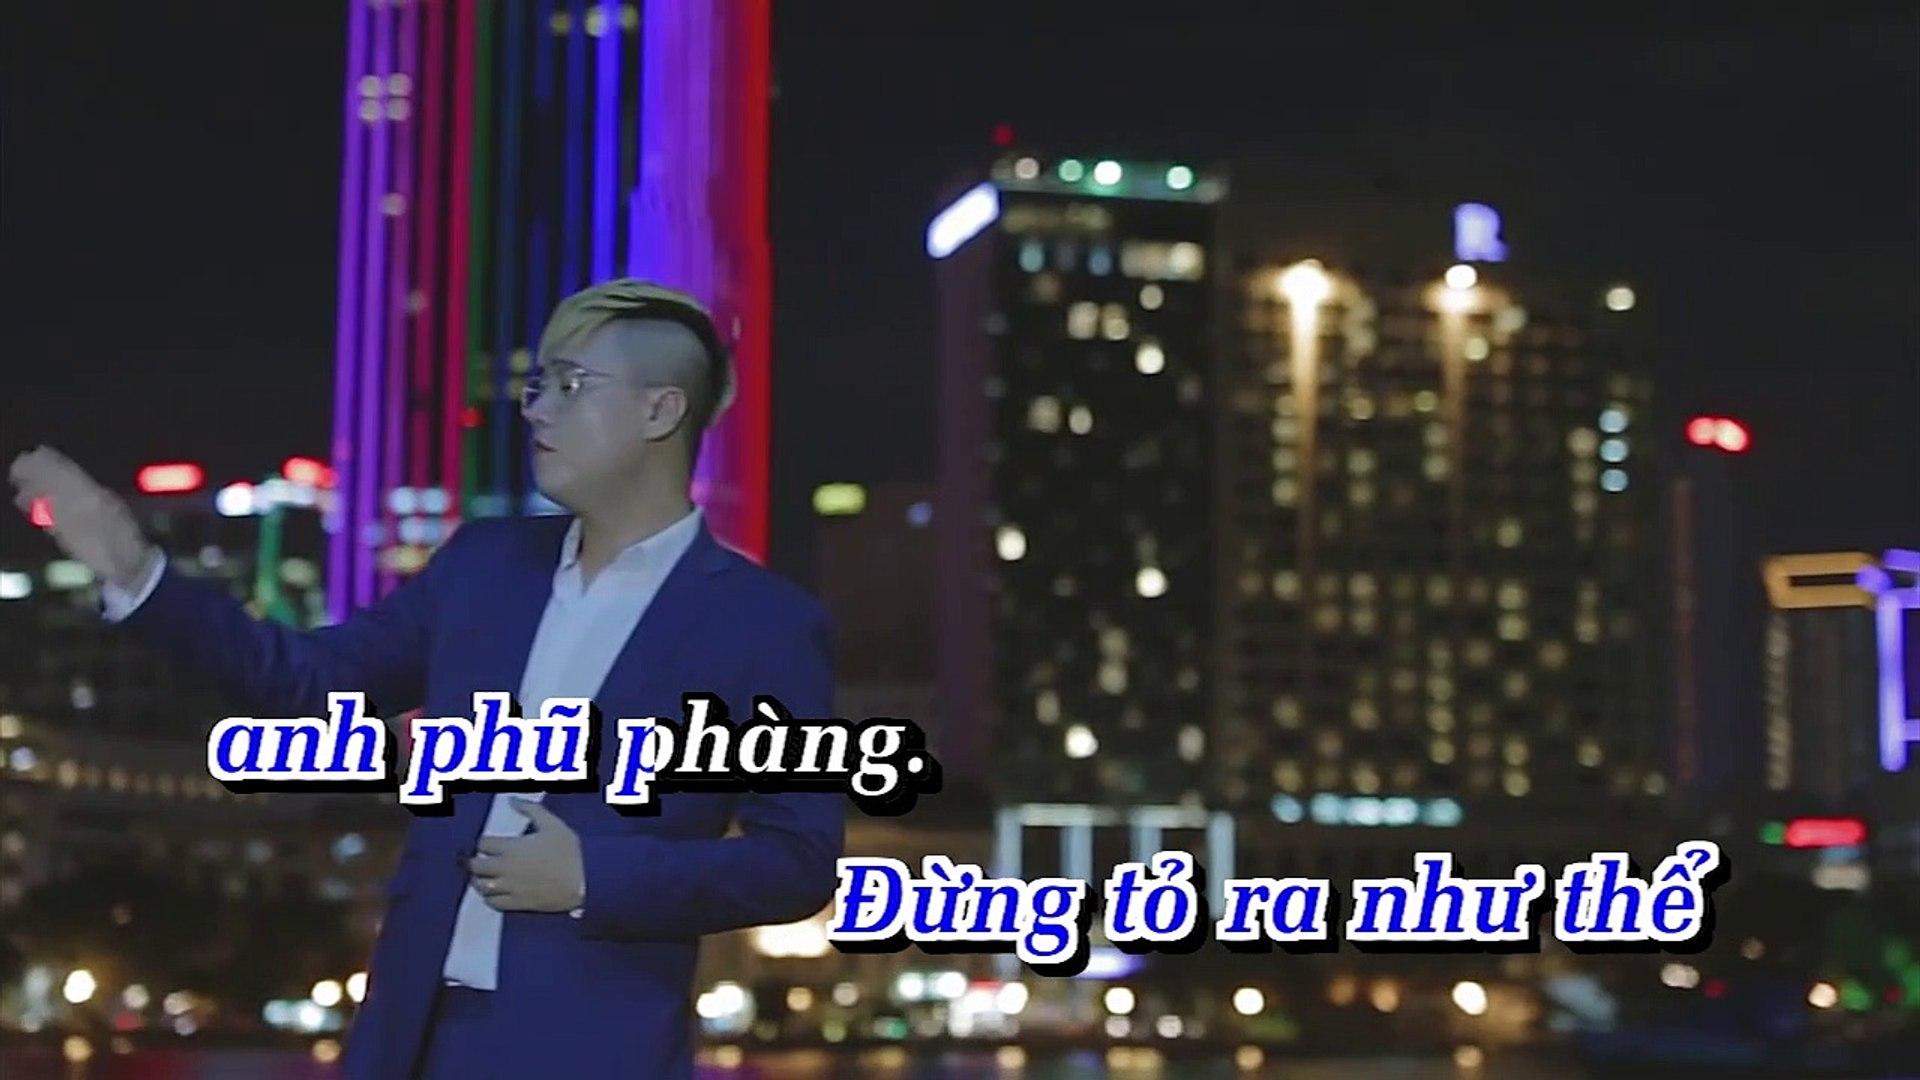 [Karaoke] Buộc Phải Quên Em - Vương Anh Tú [Beat]